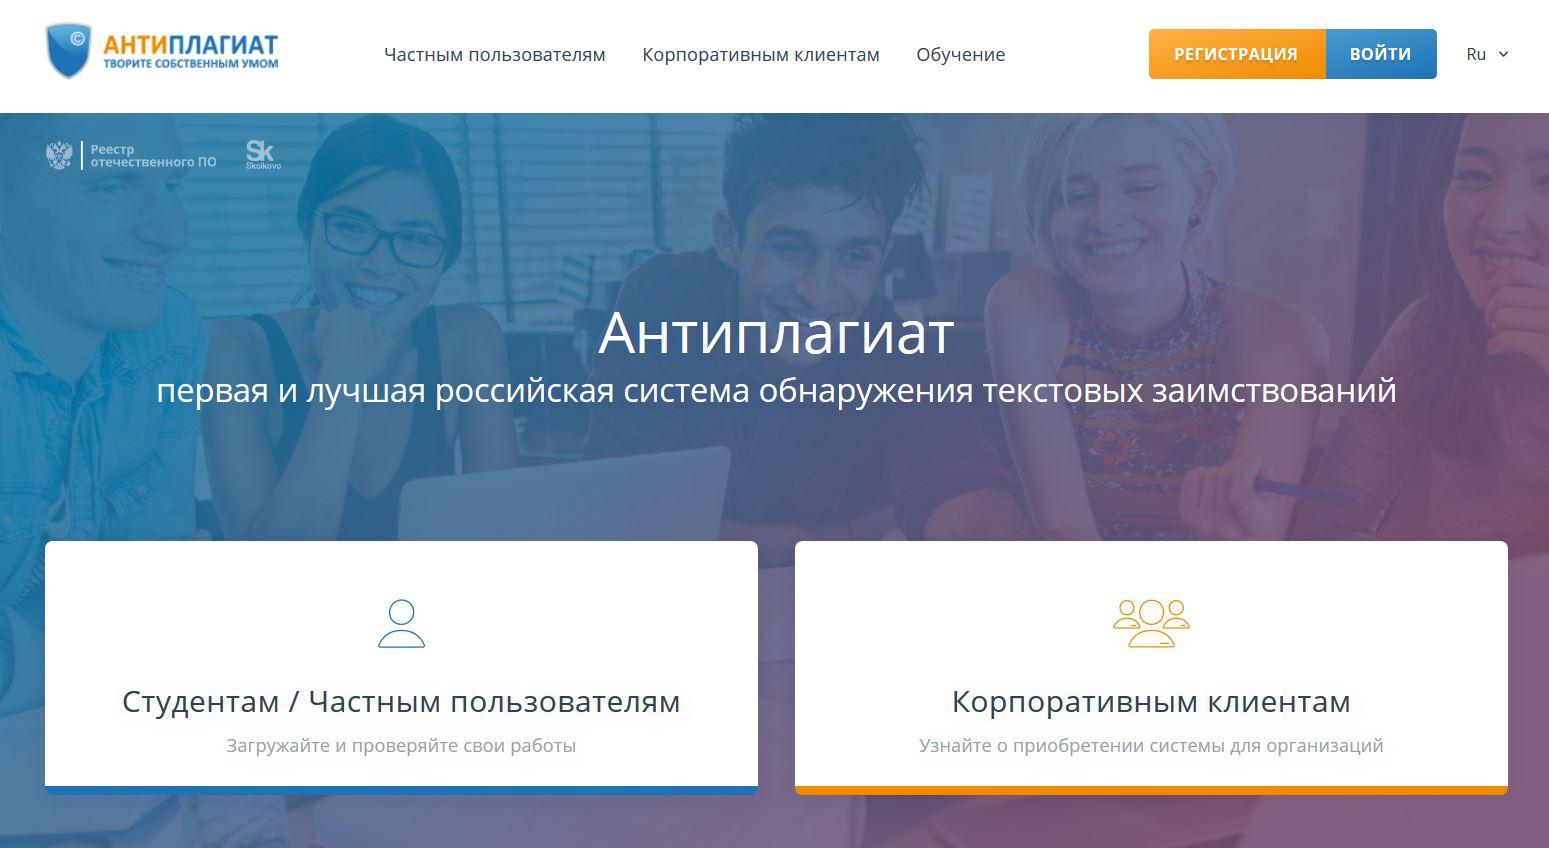 антиплагиат казахстан